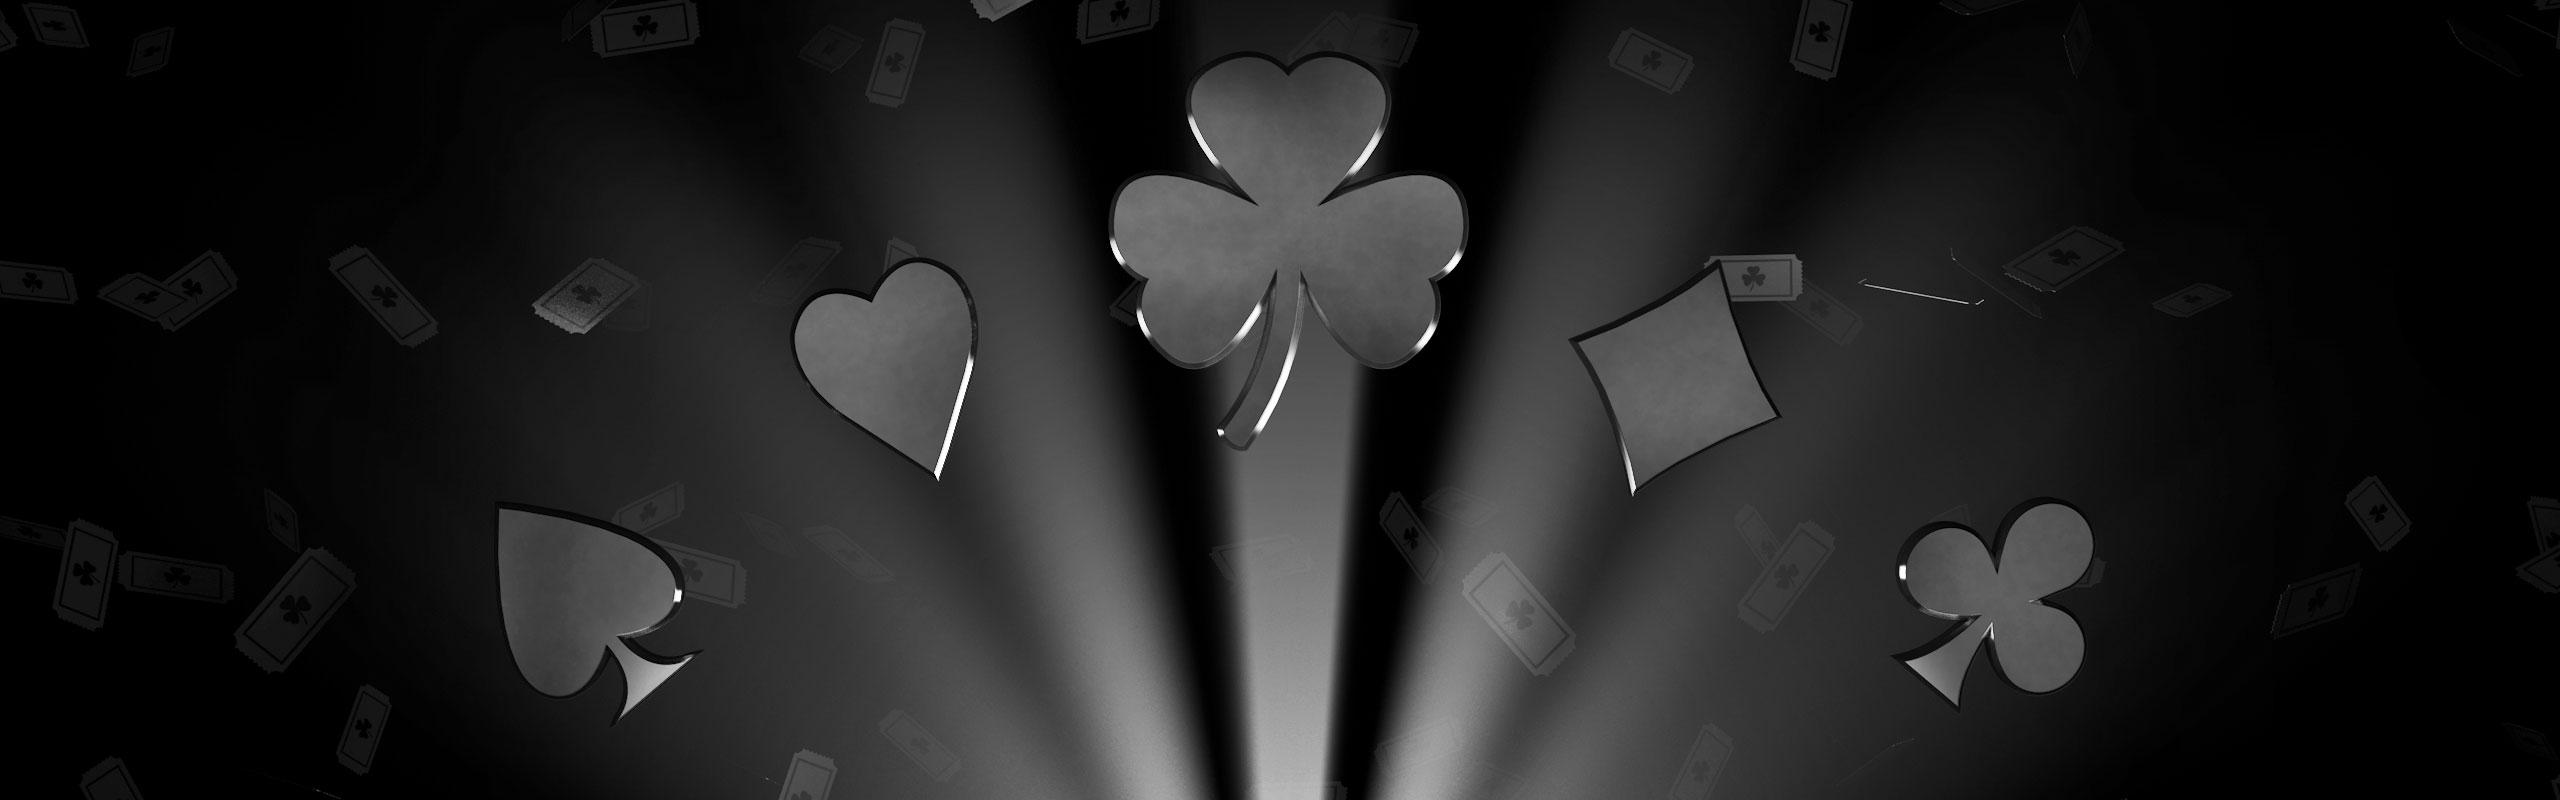 bet365 Poker - Irish Open